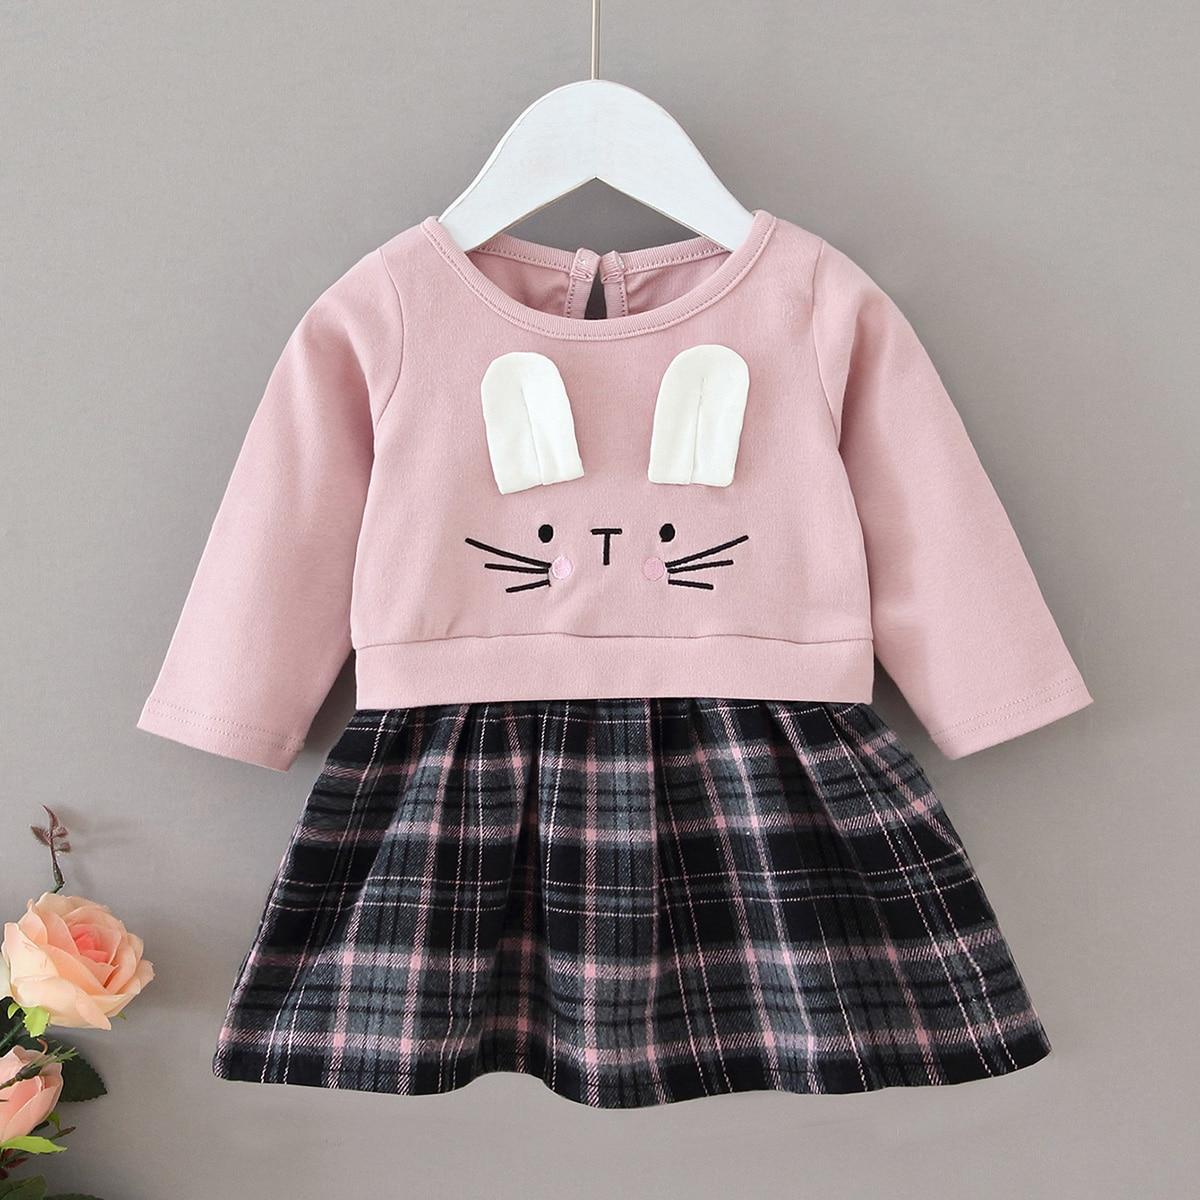 Платье в клетку в форме уха кролика3 D для девочек от SHEIN